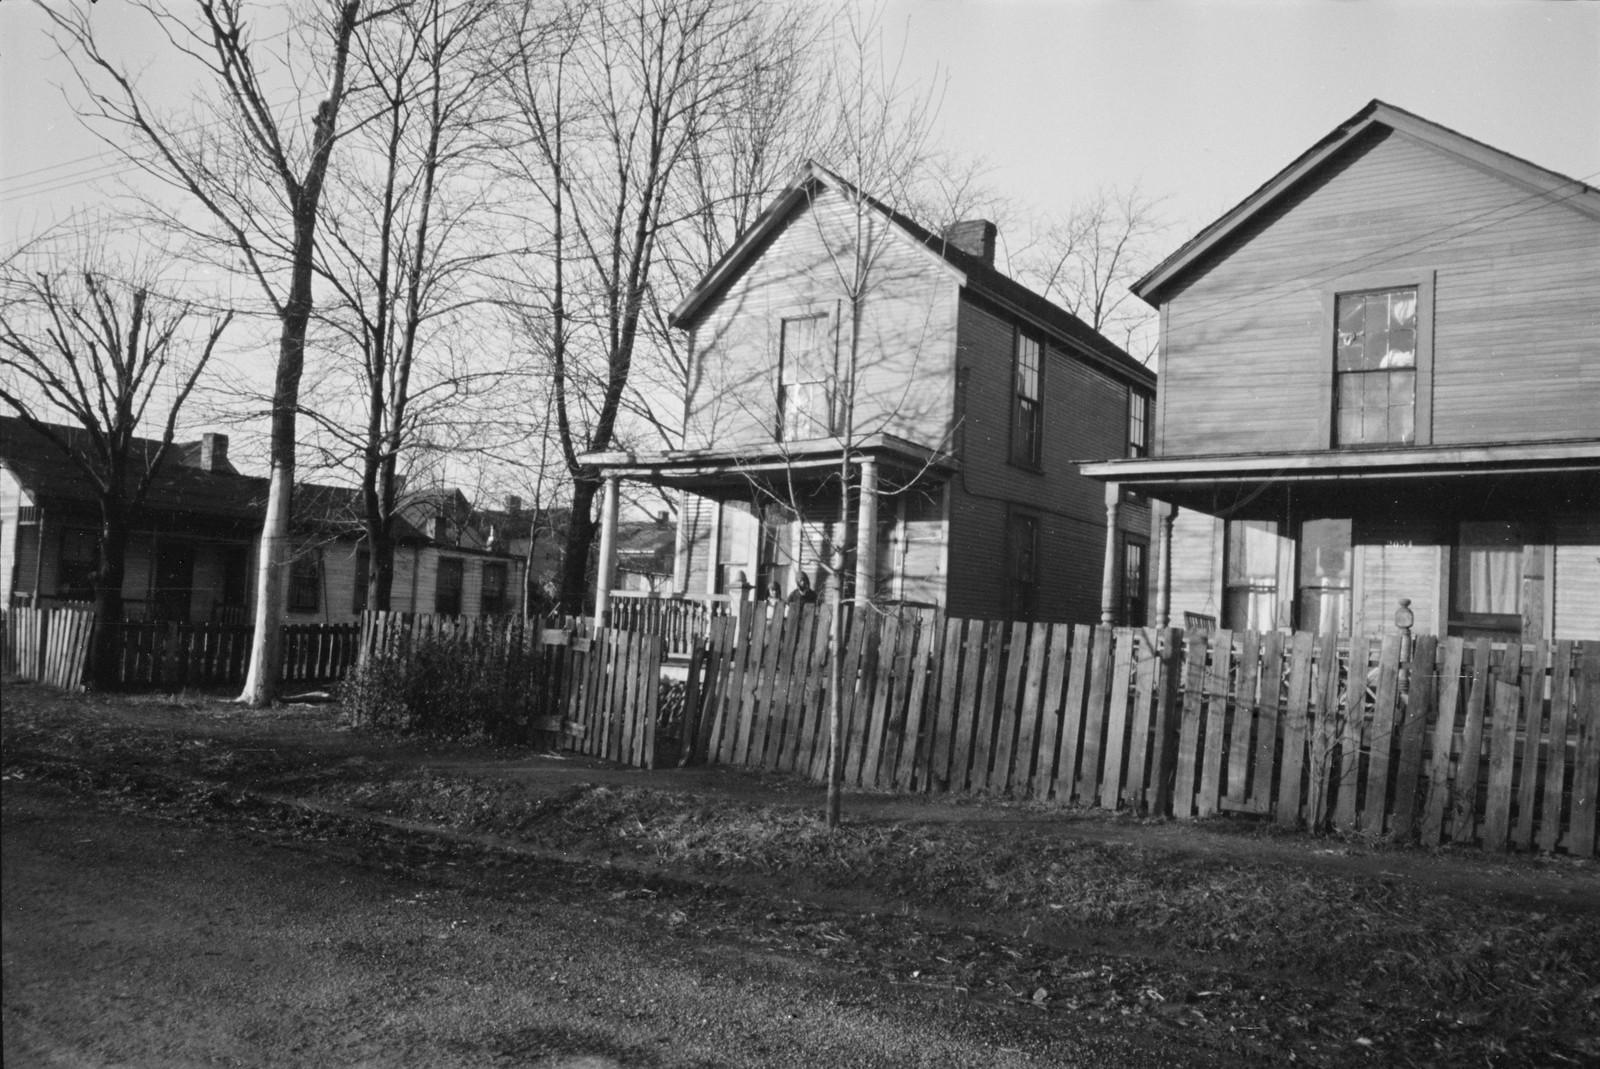 07. Типичный дом в окрестностях Цинцинатти